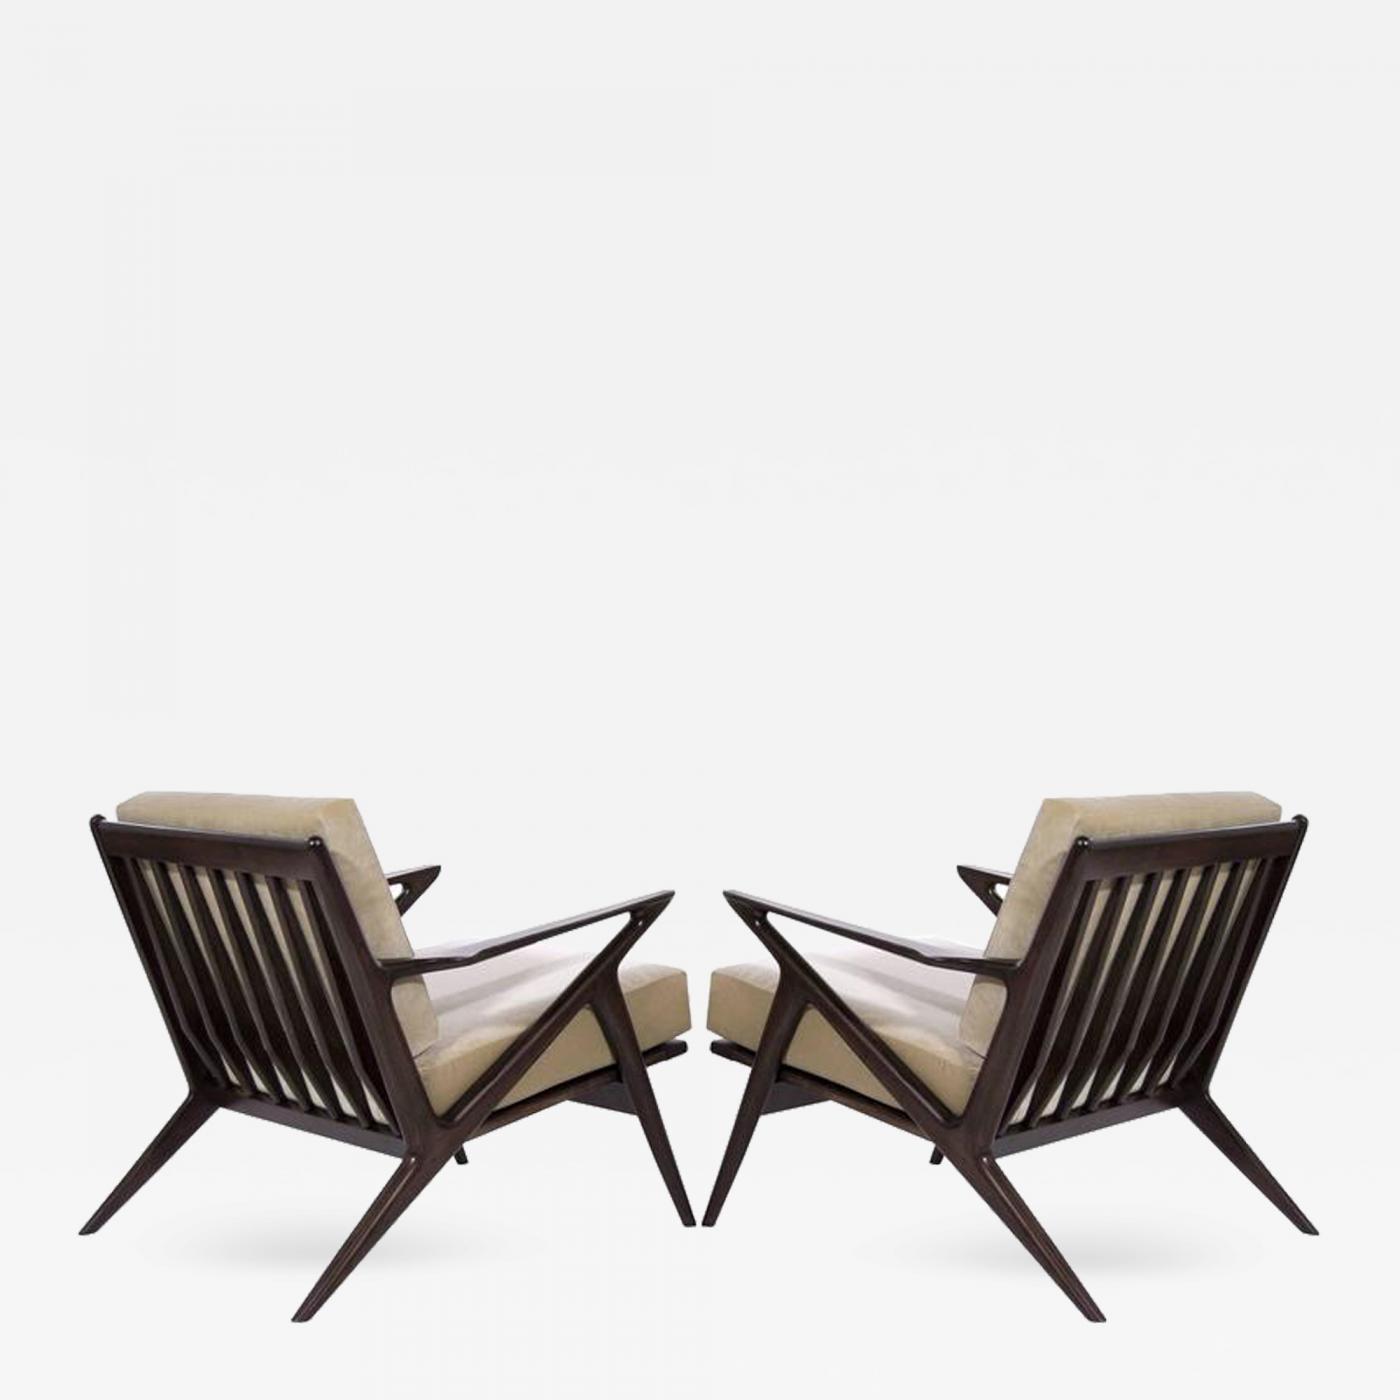 Poul jensen poul jensen for selig z lounge chairs denmark - Poul jensen z chair ...